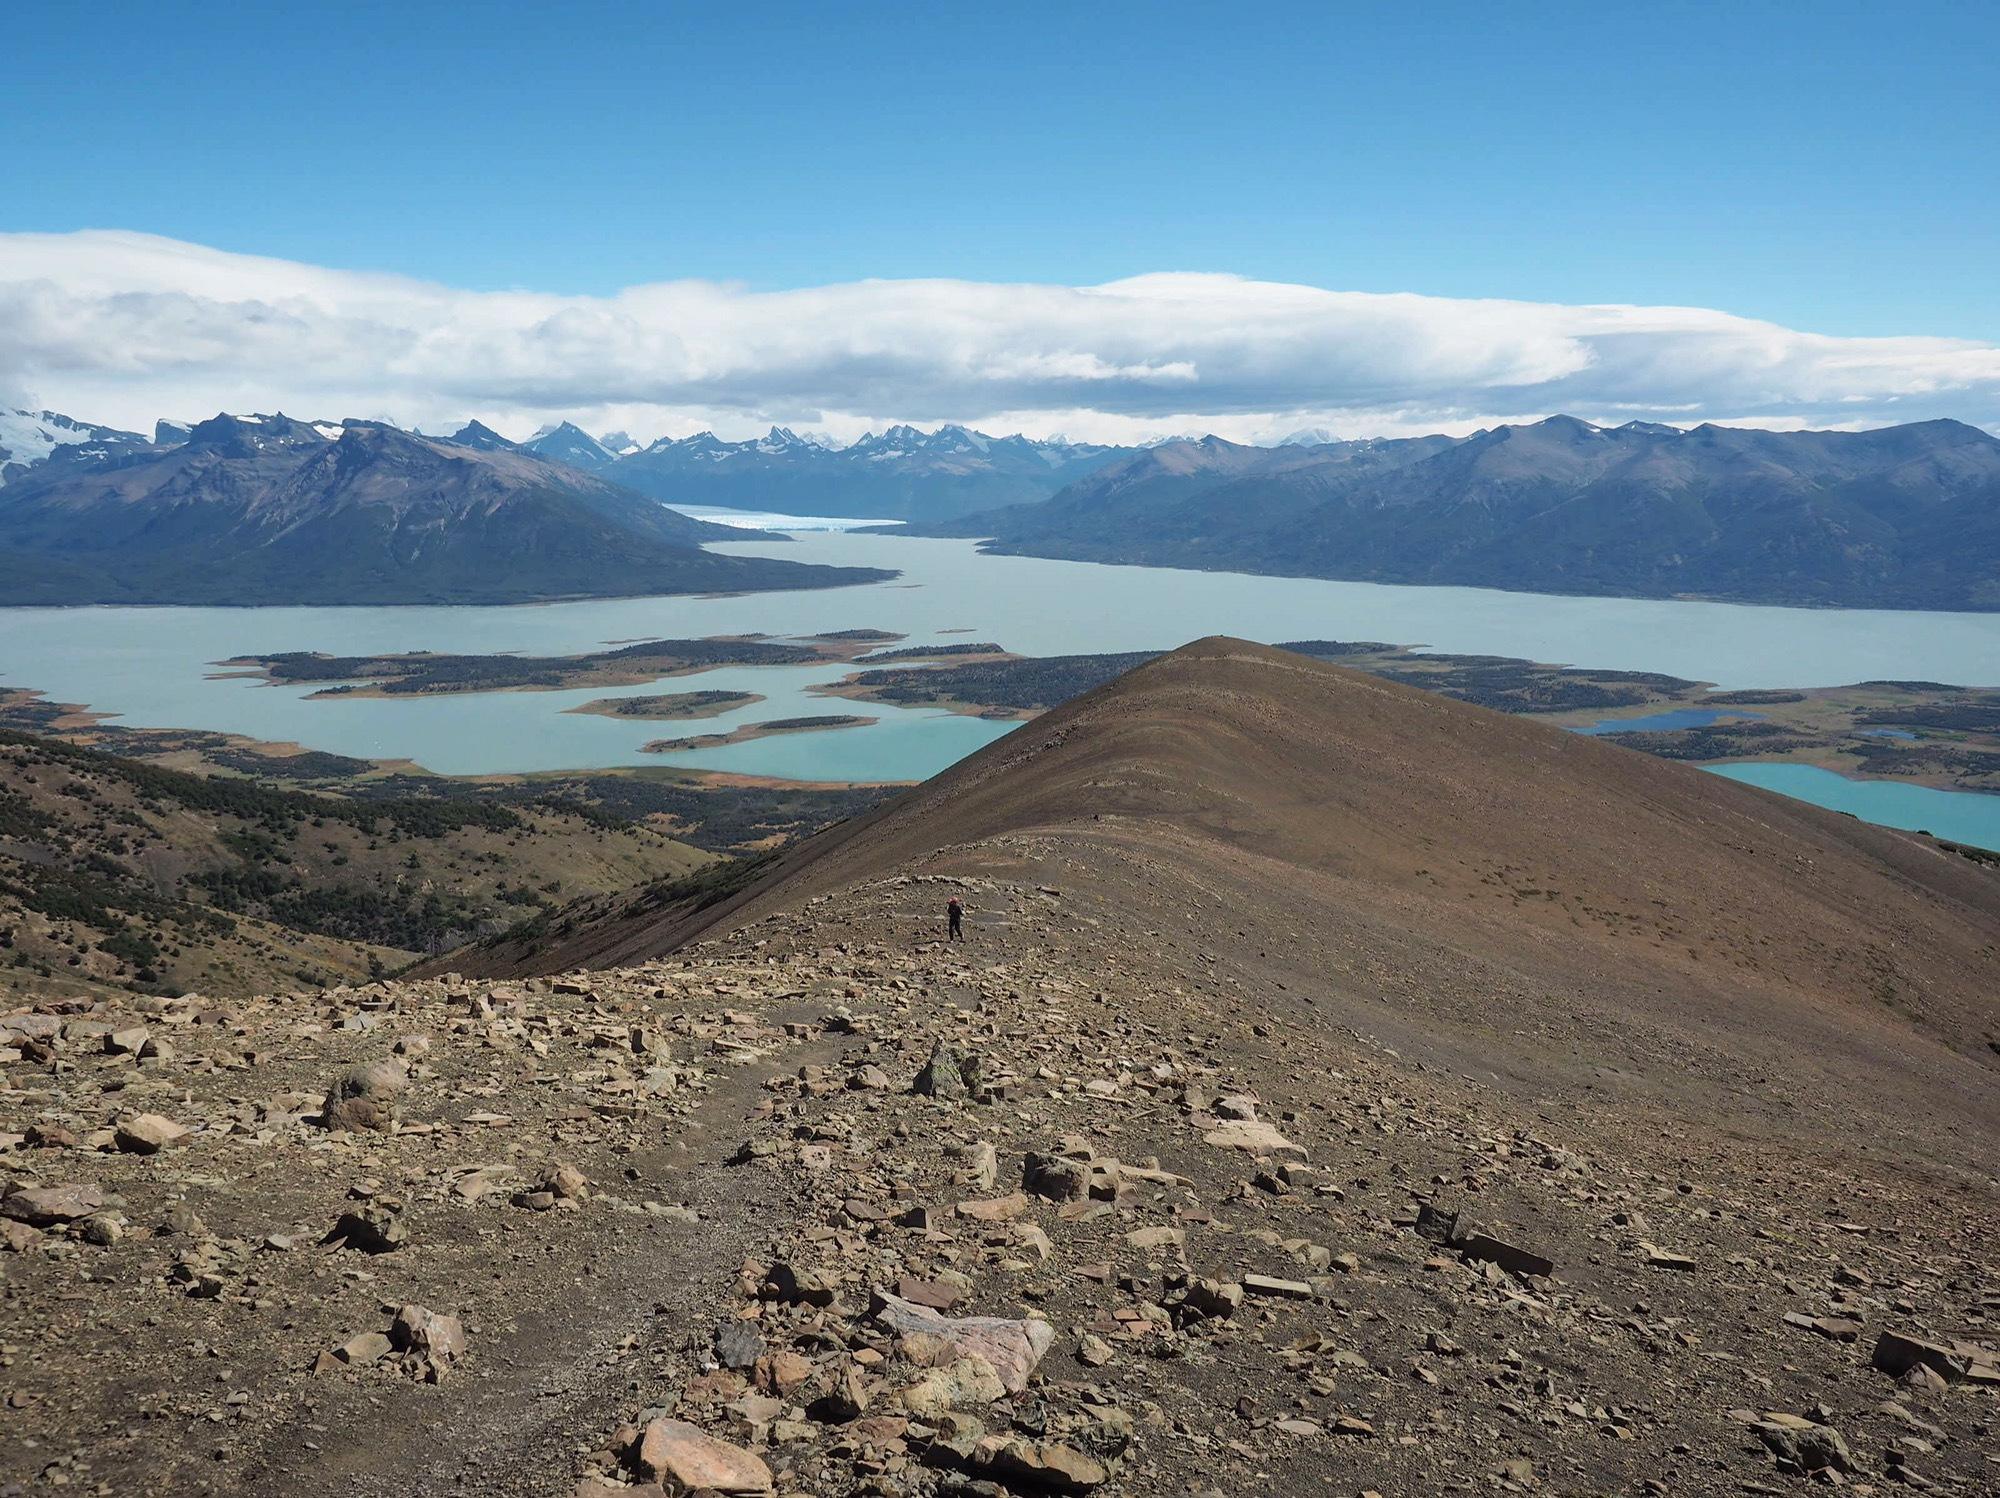 Paisagem na subida ao Cerro Cristal, bem ao fundo, se nota o glaciar Perito Moreno